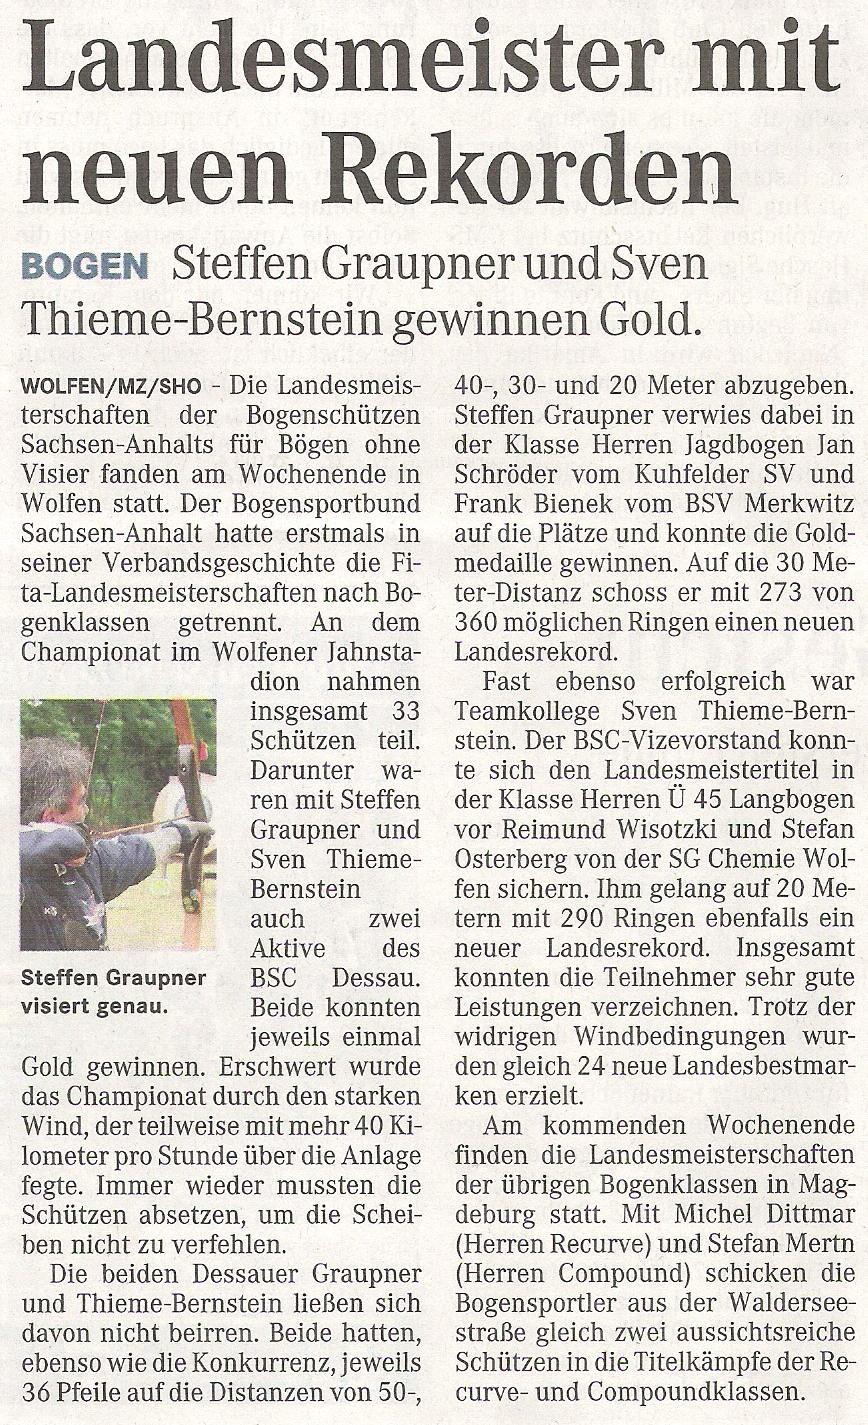 LM Fita Scheibe  für Bögen ohne Visier – Mitteldeutsche Zeitung vom 21.06.2011